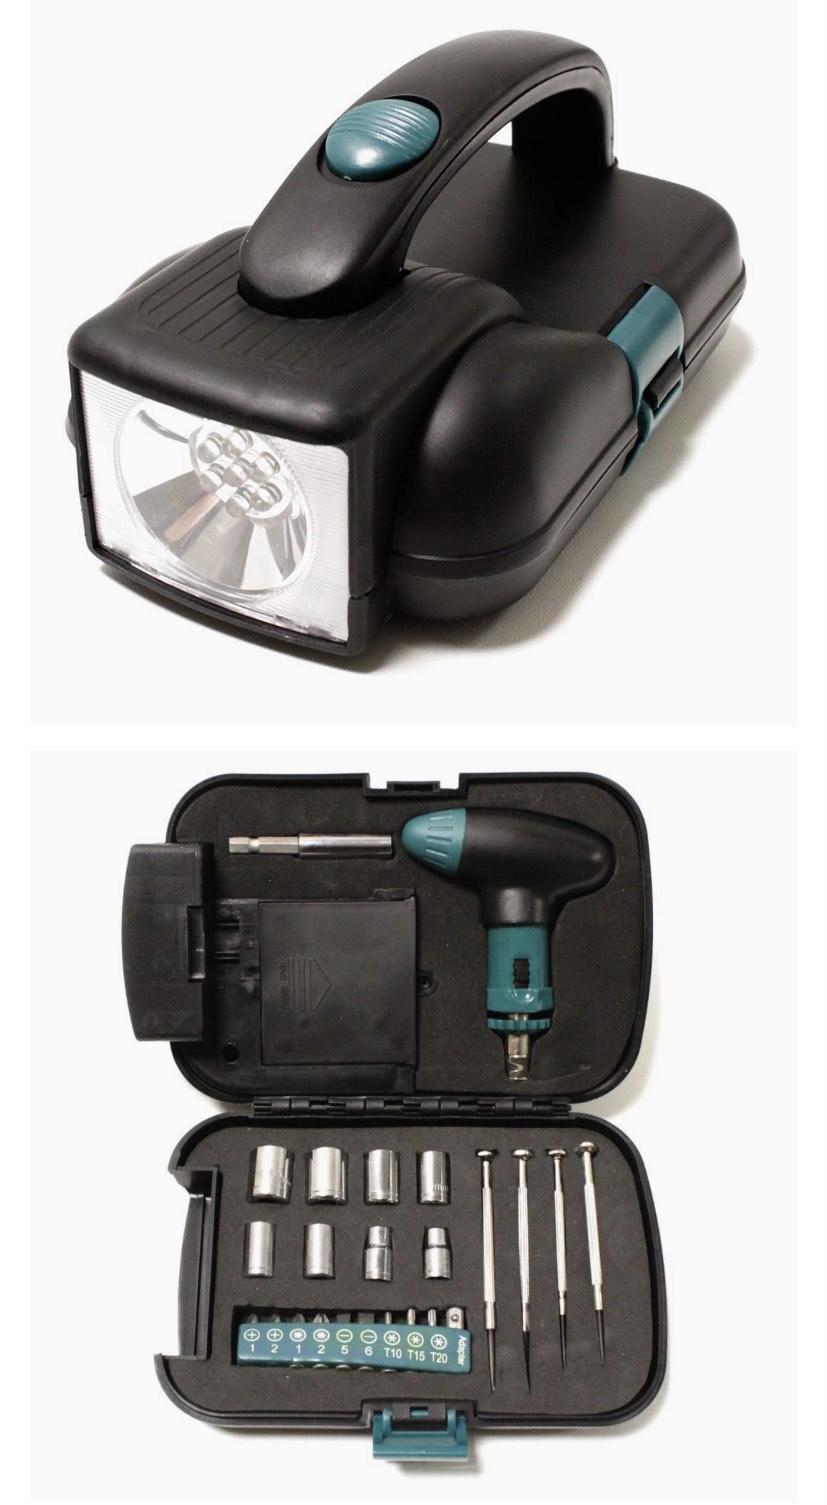 Cablematic - Caja de herramientas con linterna de 7LED leer descripción